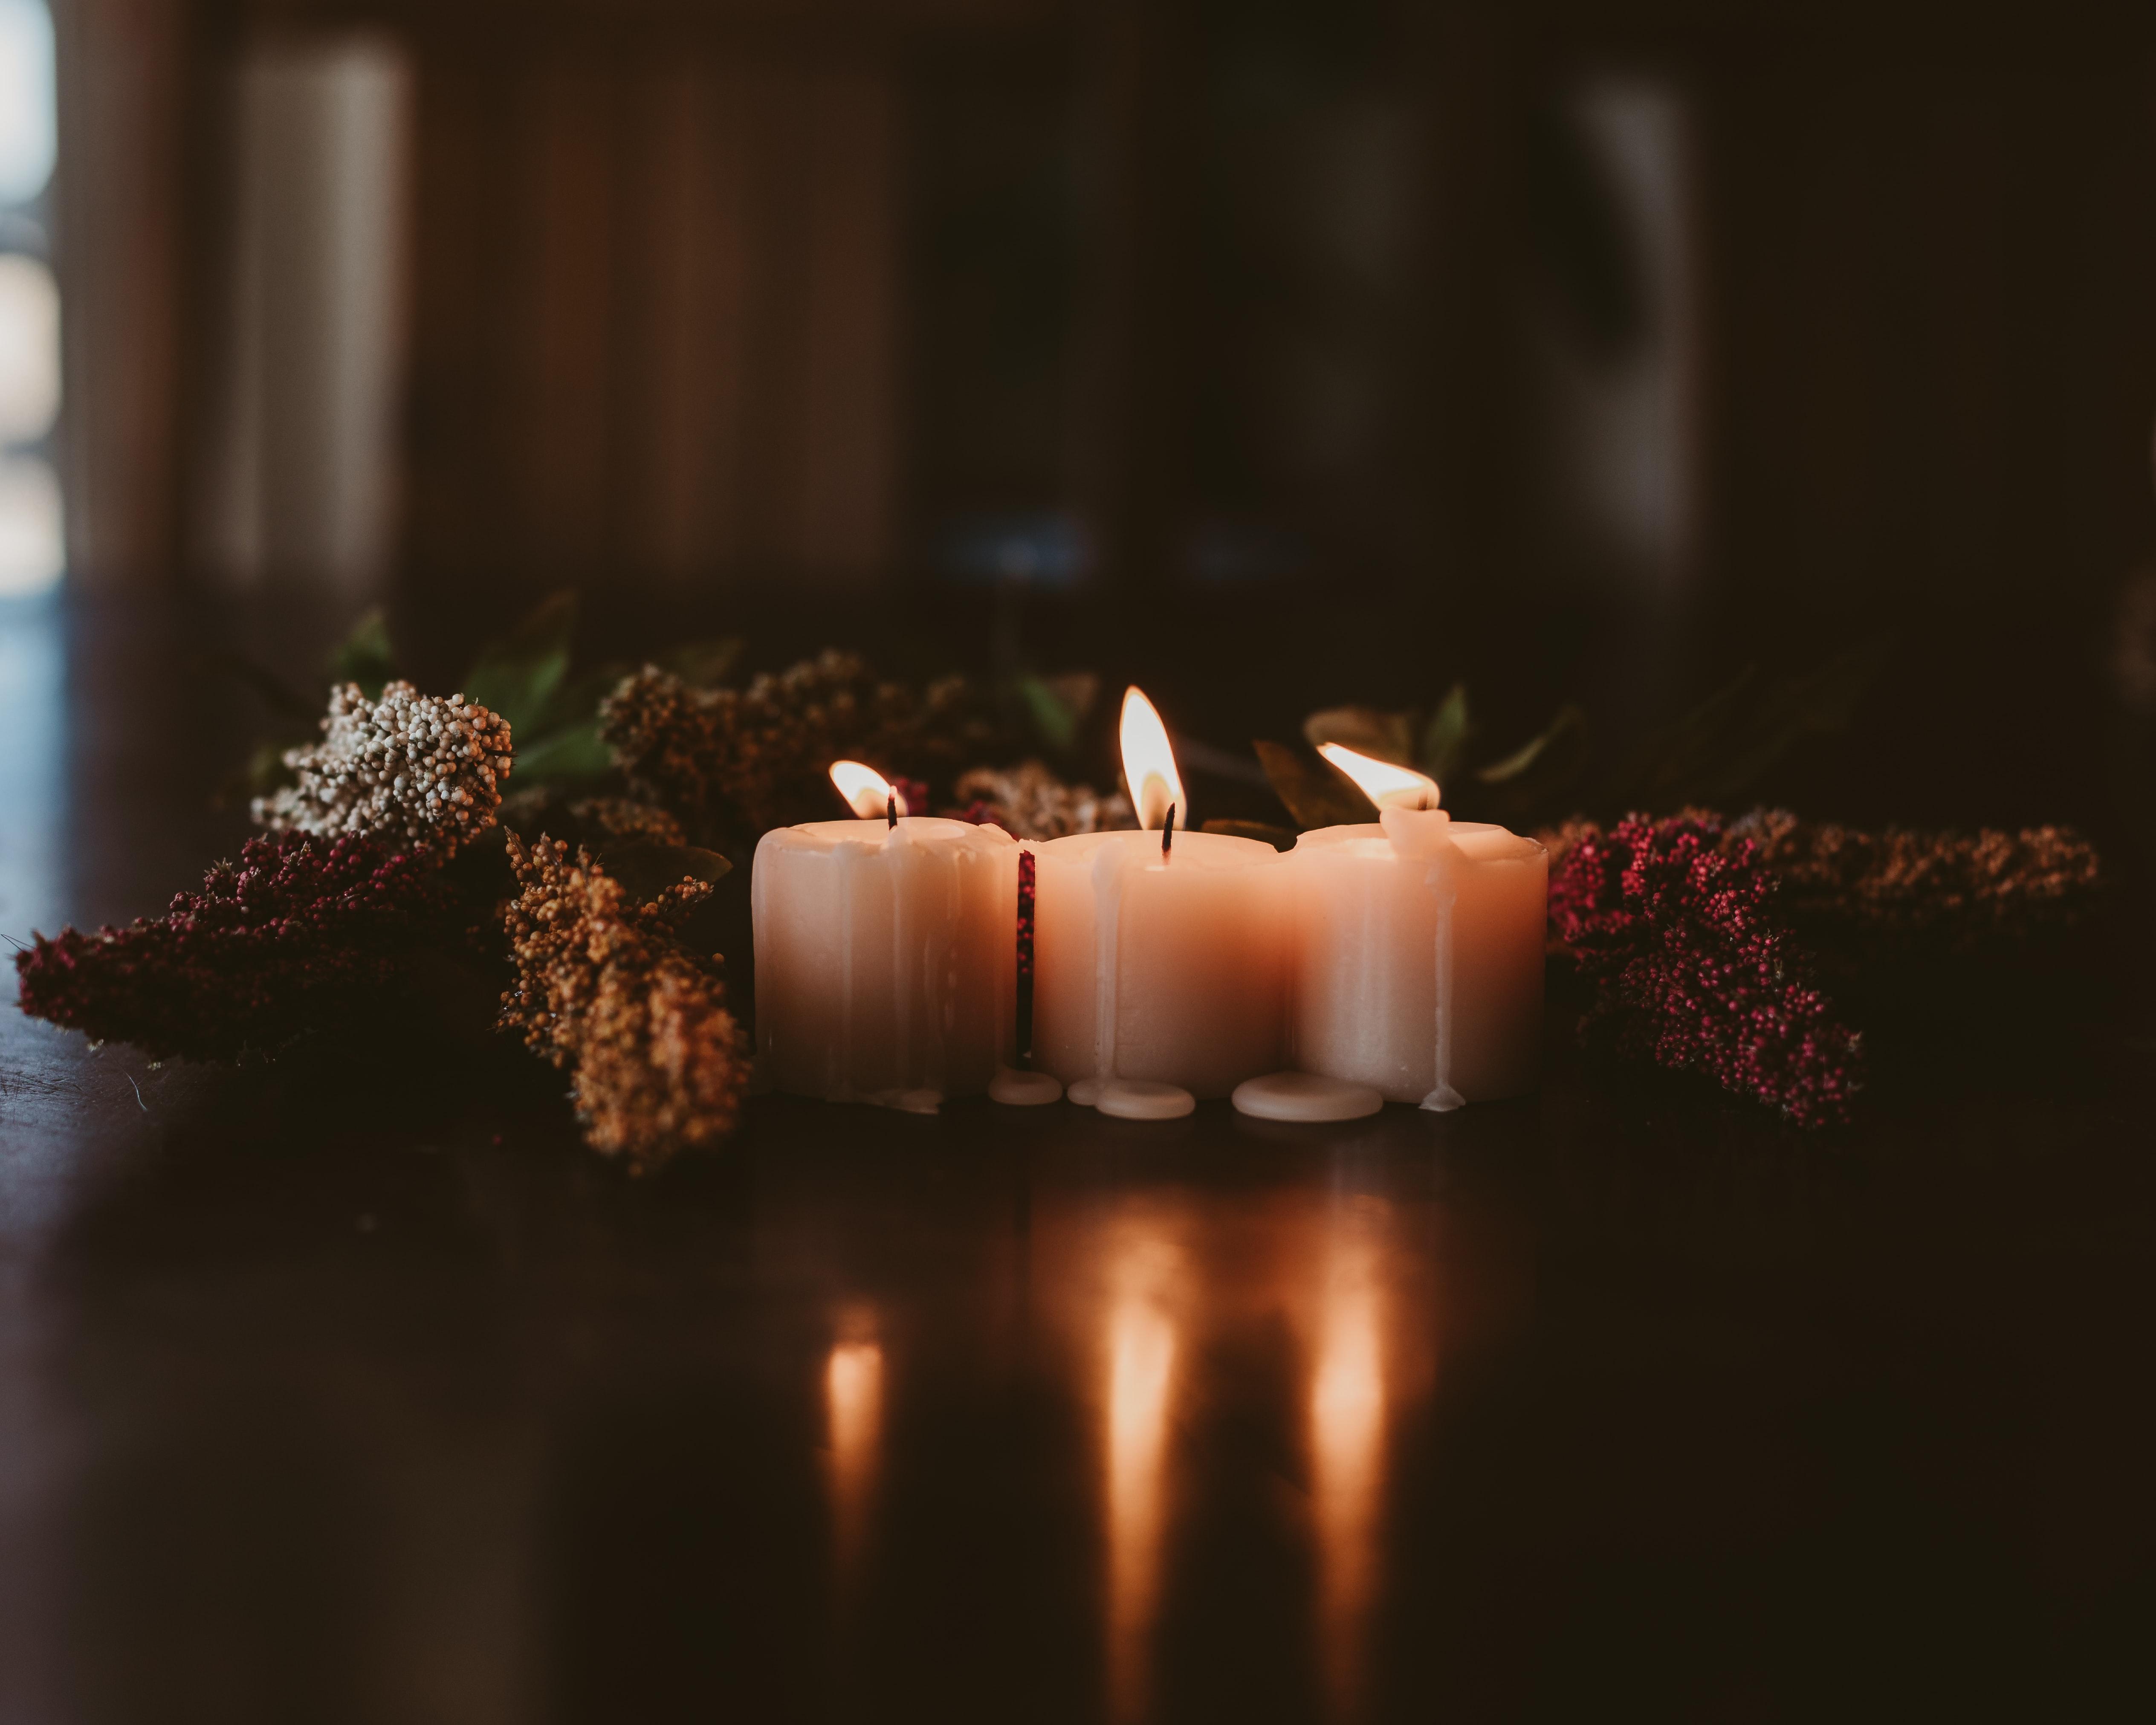 106880 Hintergrundbild herunterladen Kerzen, Dunkel, Flamme, Verschiedenes, Sonstige, Wachs - Bildschirmschoner und Bilder kostenlos